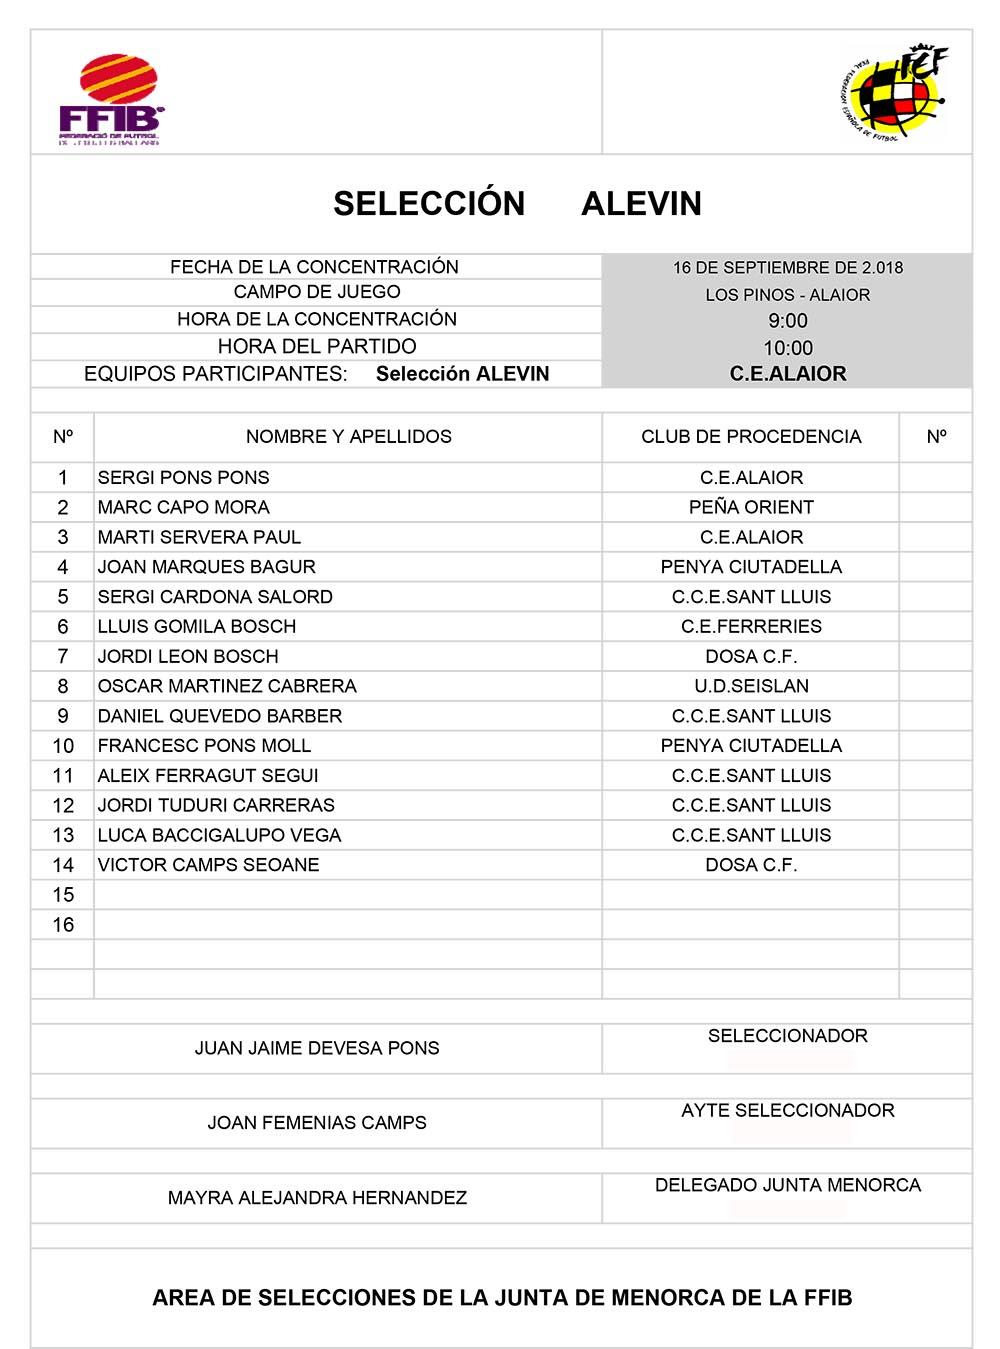 Convocatoria Selección ALEVIN 16-09